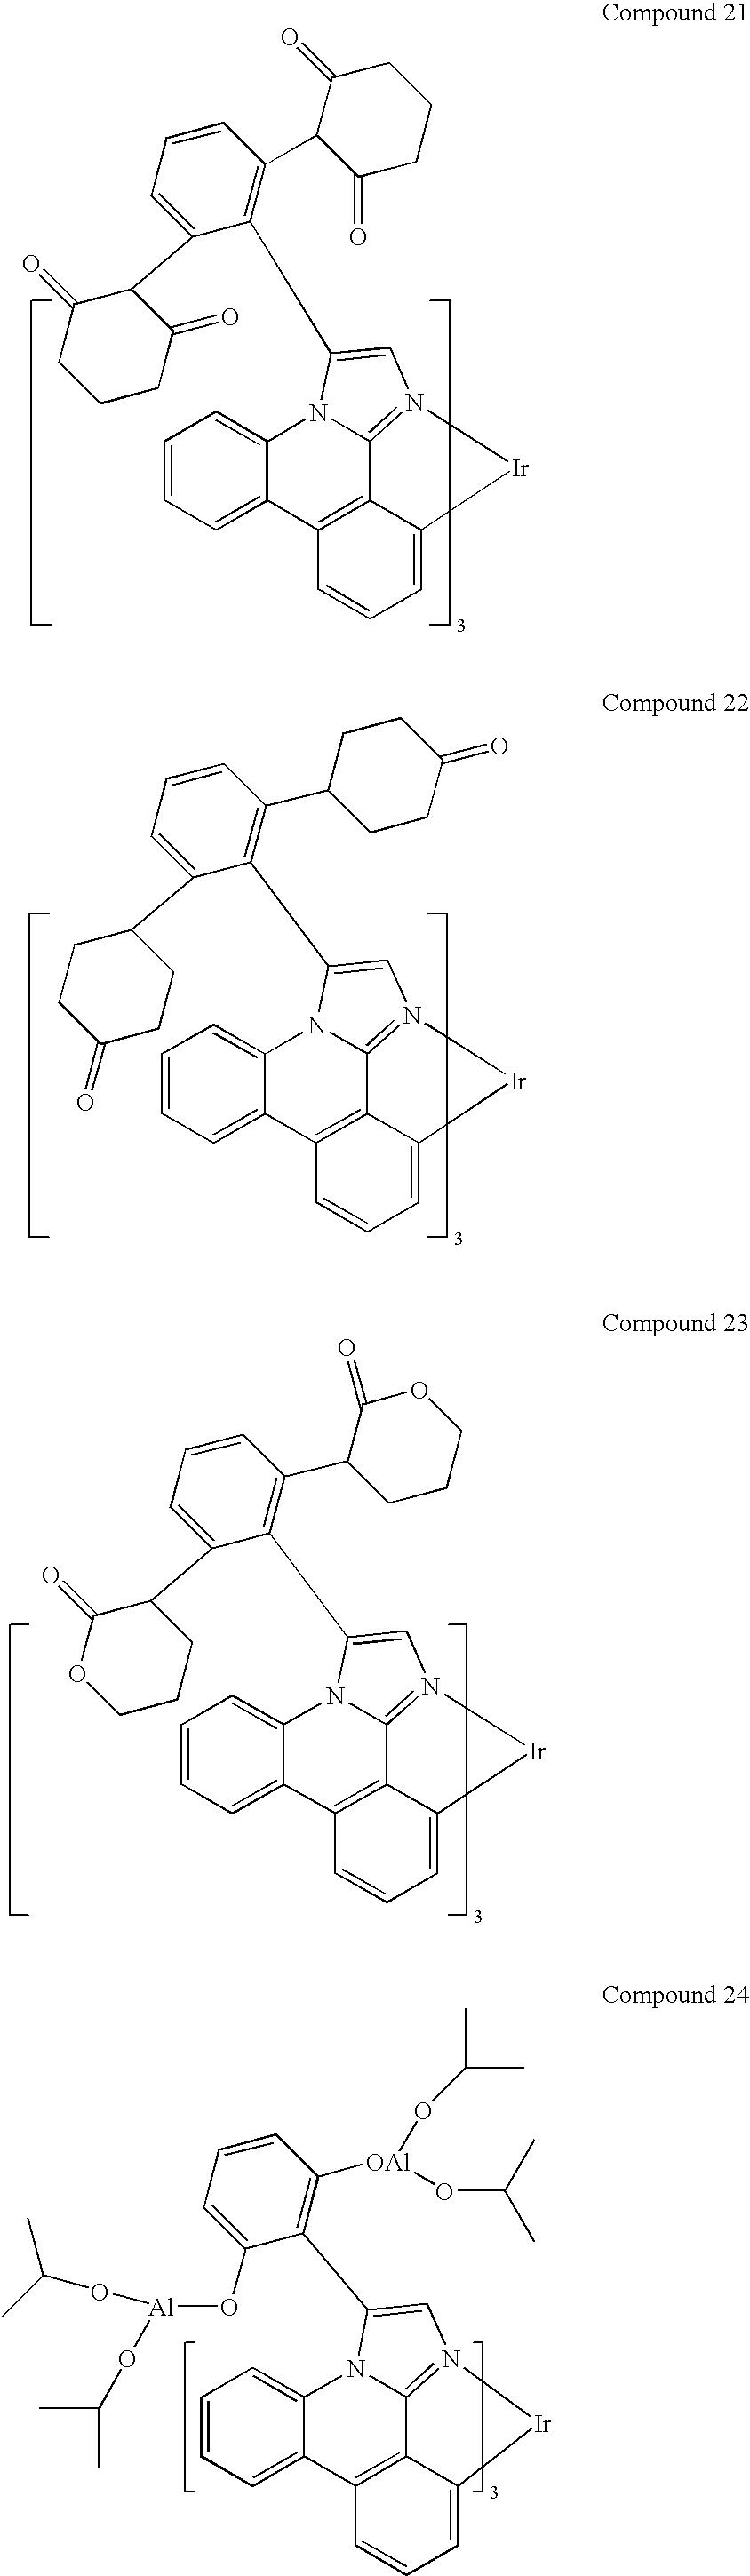 Figure US20100148663A1-20100617-C00167